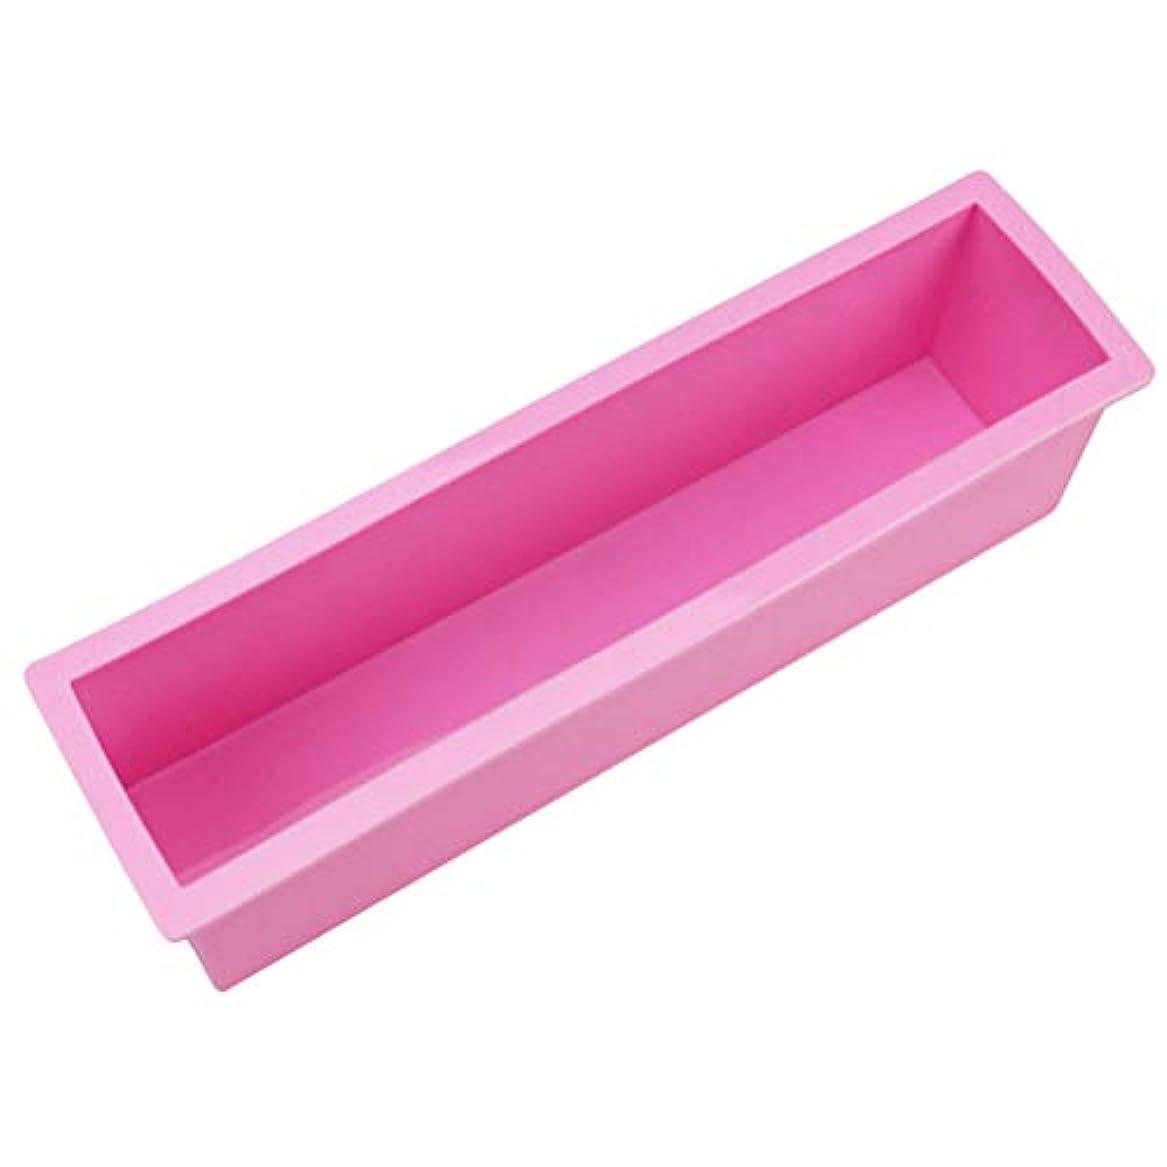 イソギンチャクモス転送Yardwe 石鹸ケーキミートローフ用品のための柔軟な長方形のシリコンソープモールドロープ(ランダムカラー)サイズL